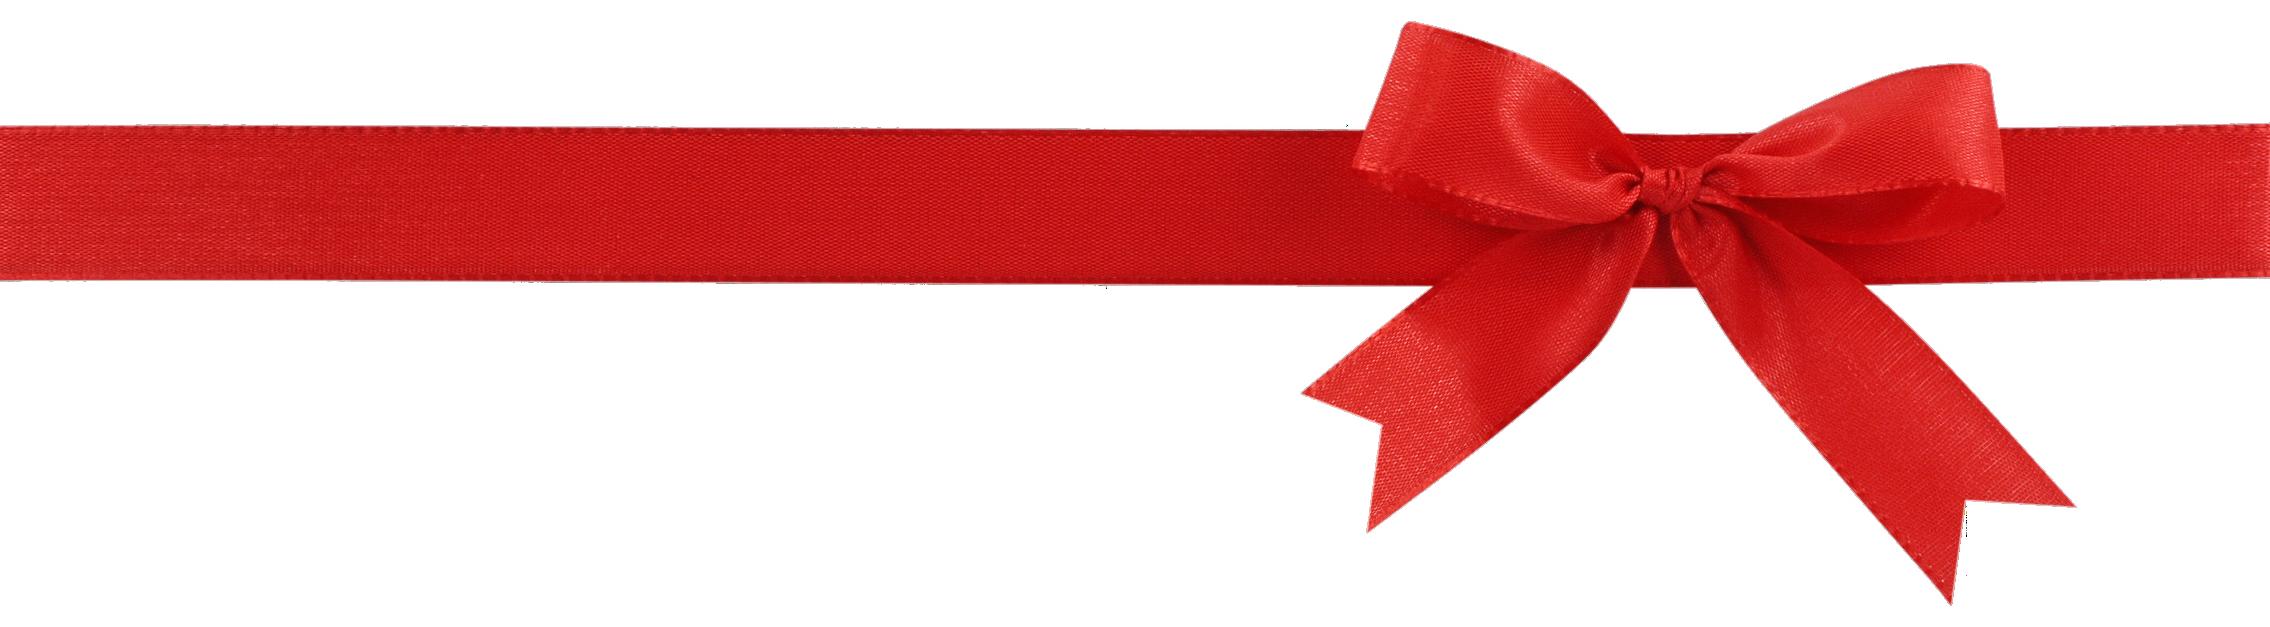 Gift Ribbon PNG Image - Bow HD PNG